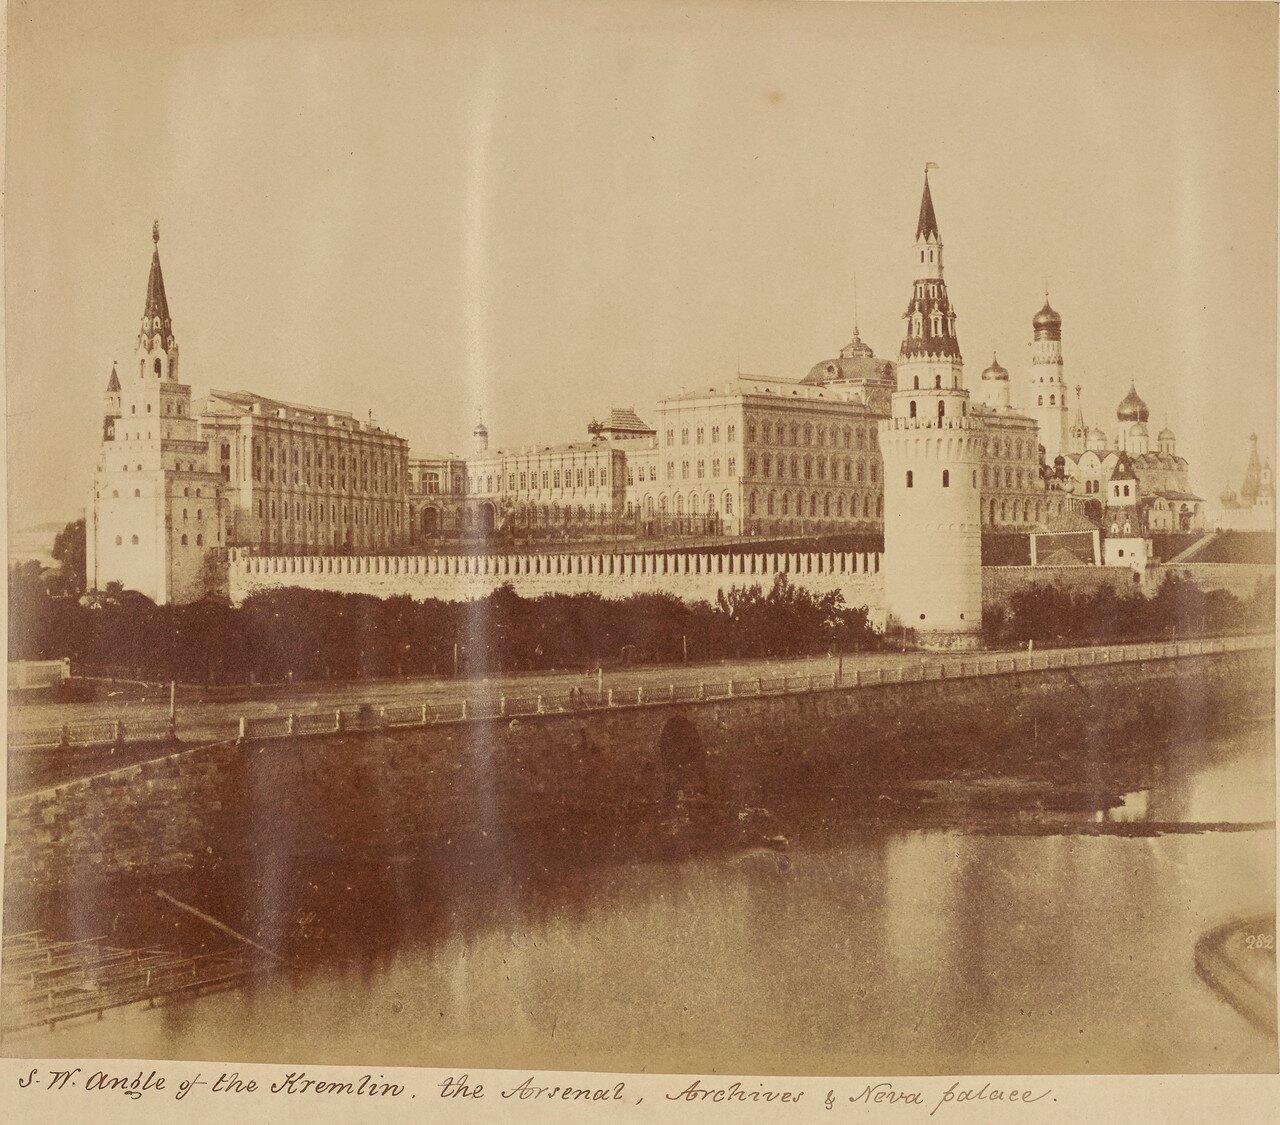 Юго-западный угол Кремля, Арсенал, Московский губернский архив старых дел & Новый дворец